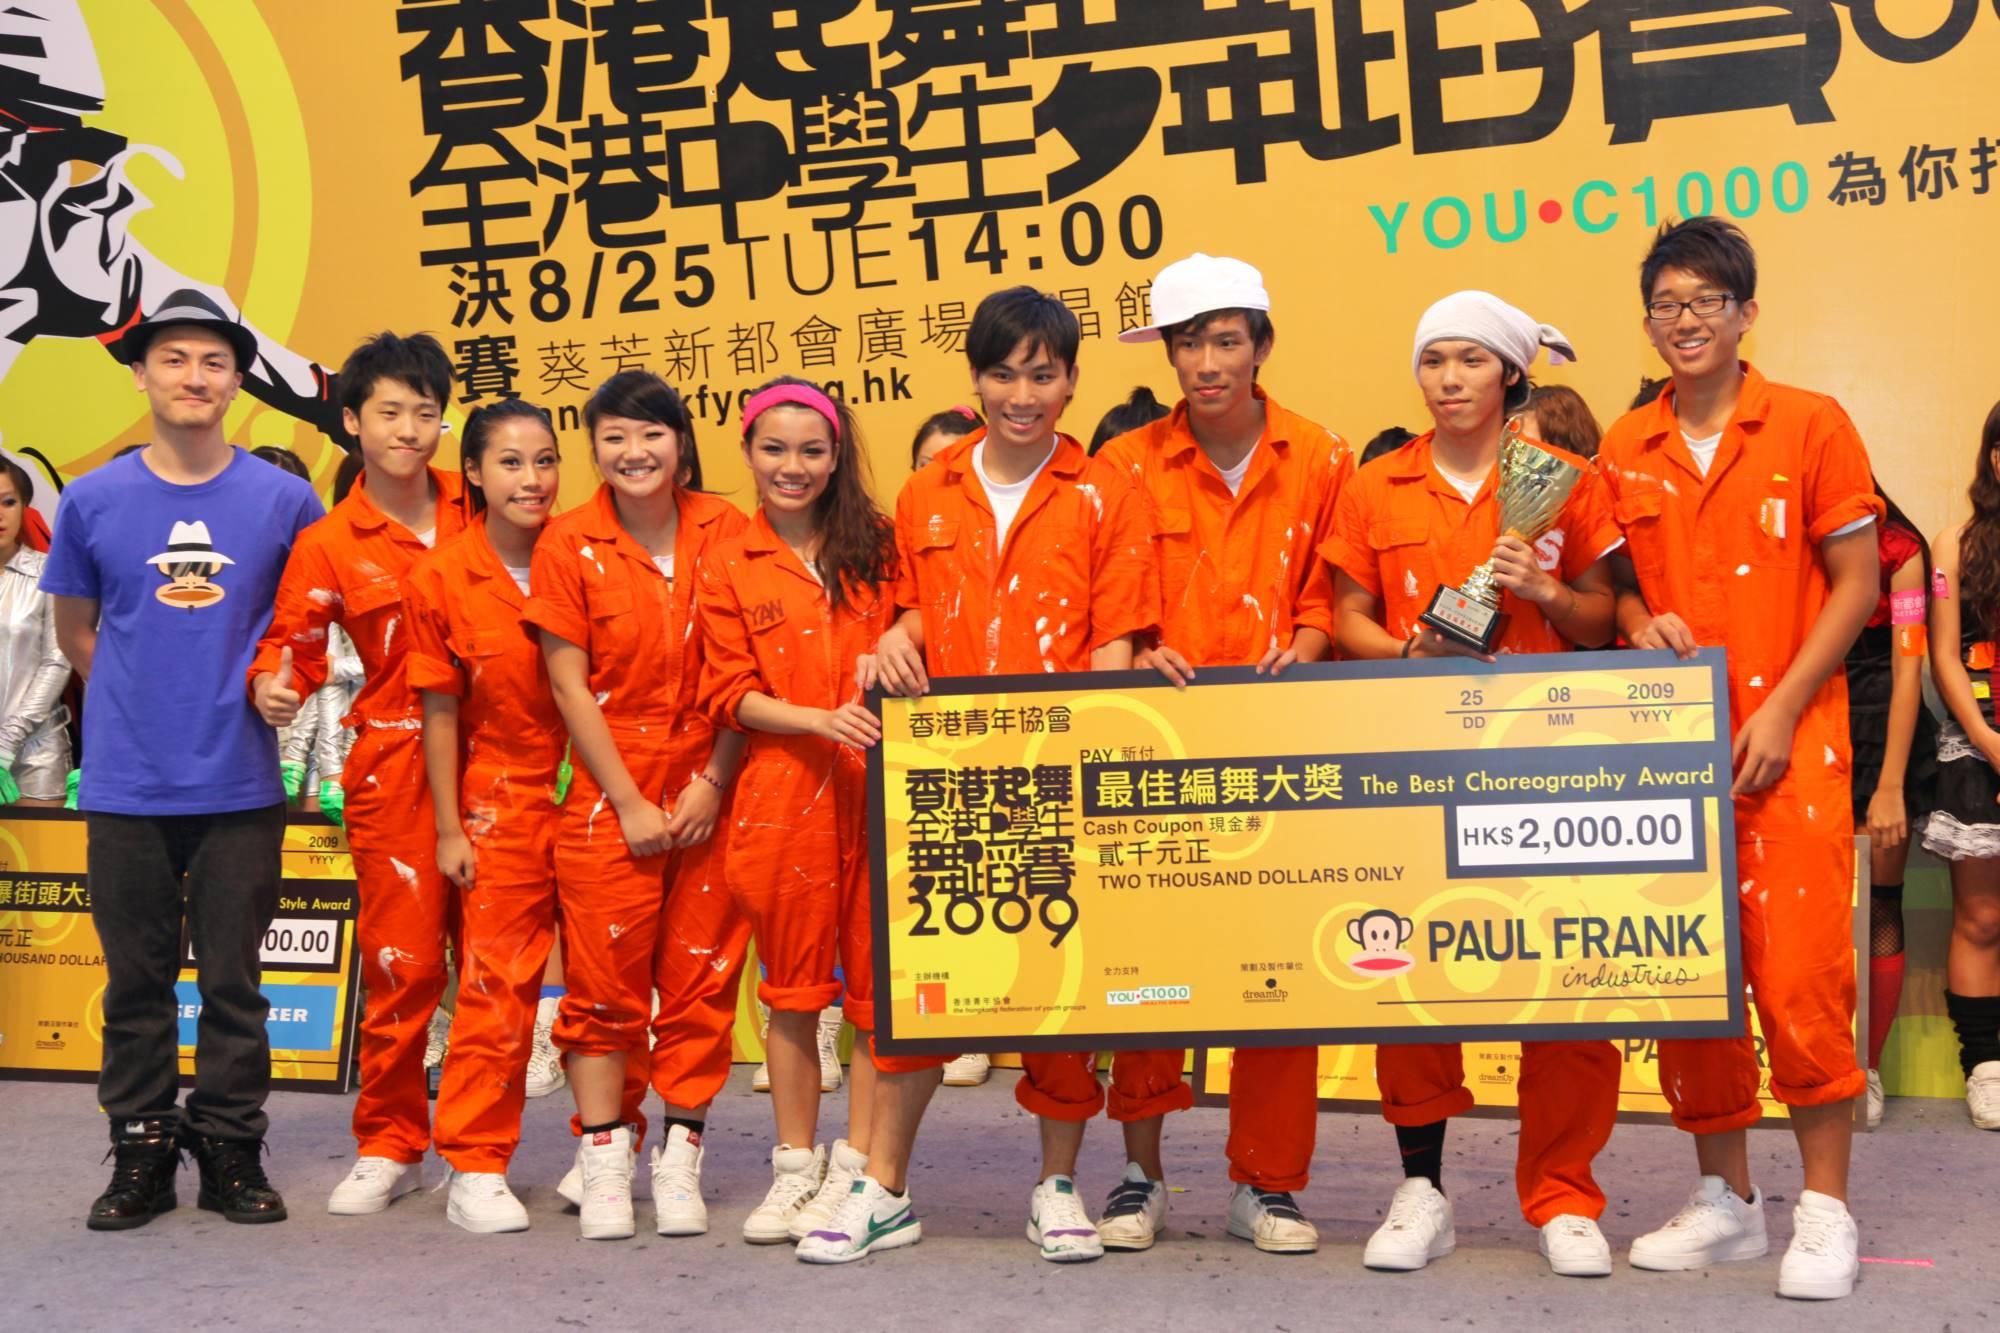 全港中學生舞蹈賽2009得獎隊伍 (3)